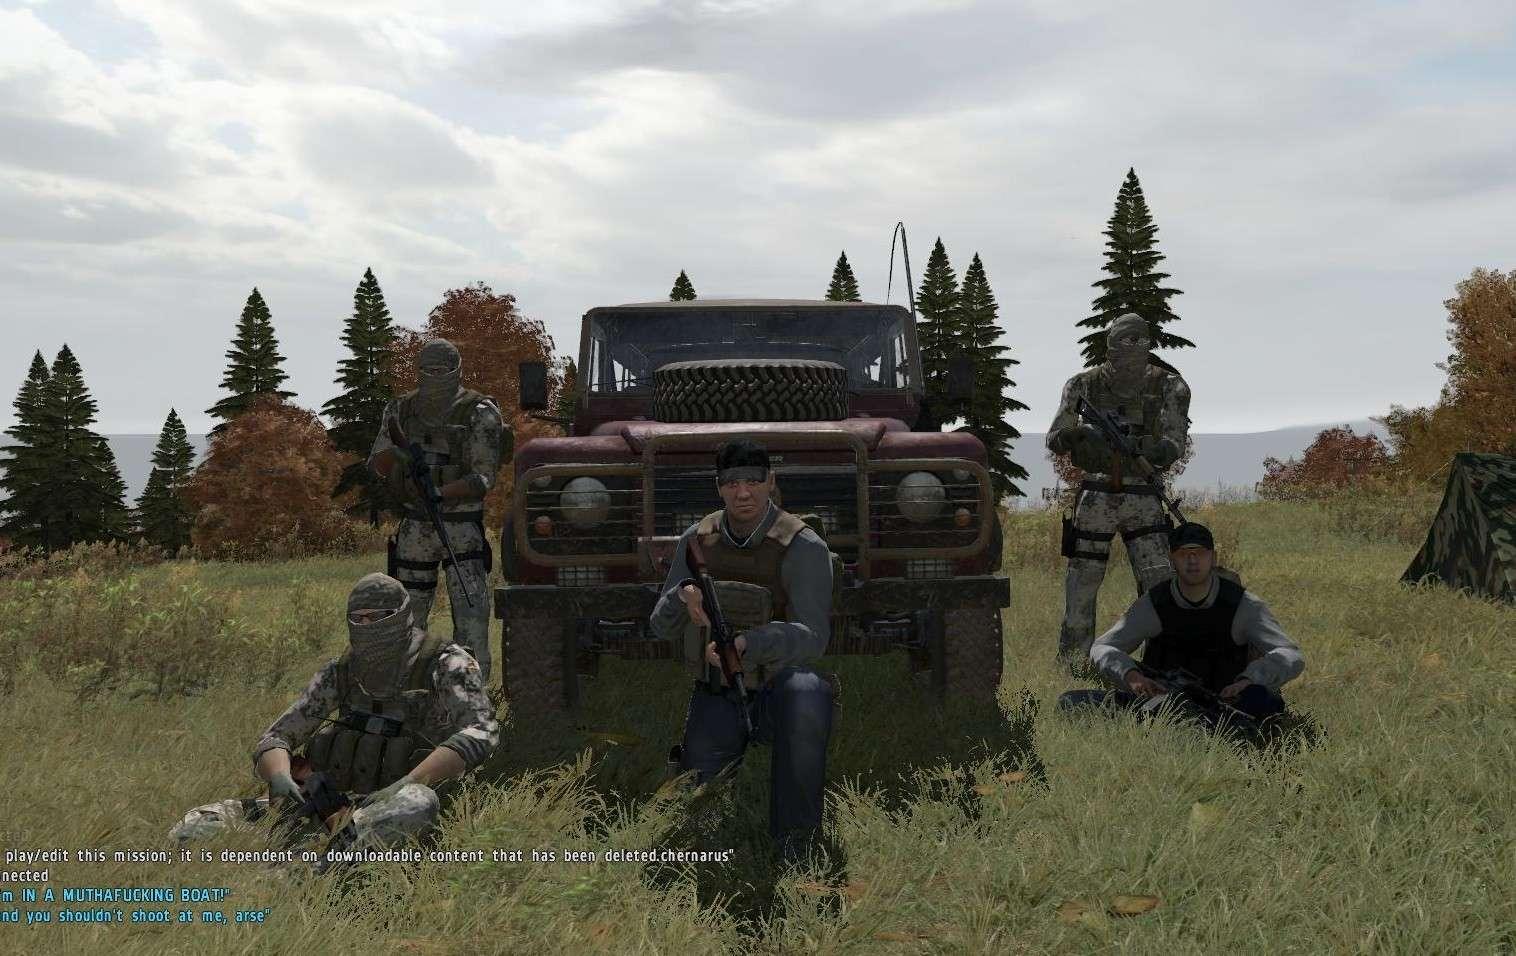 Arma II DayZ - boj o přežití 5578